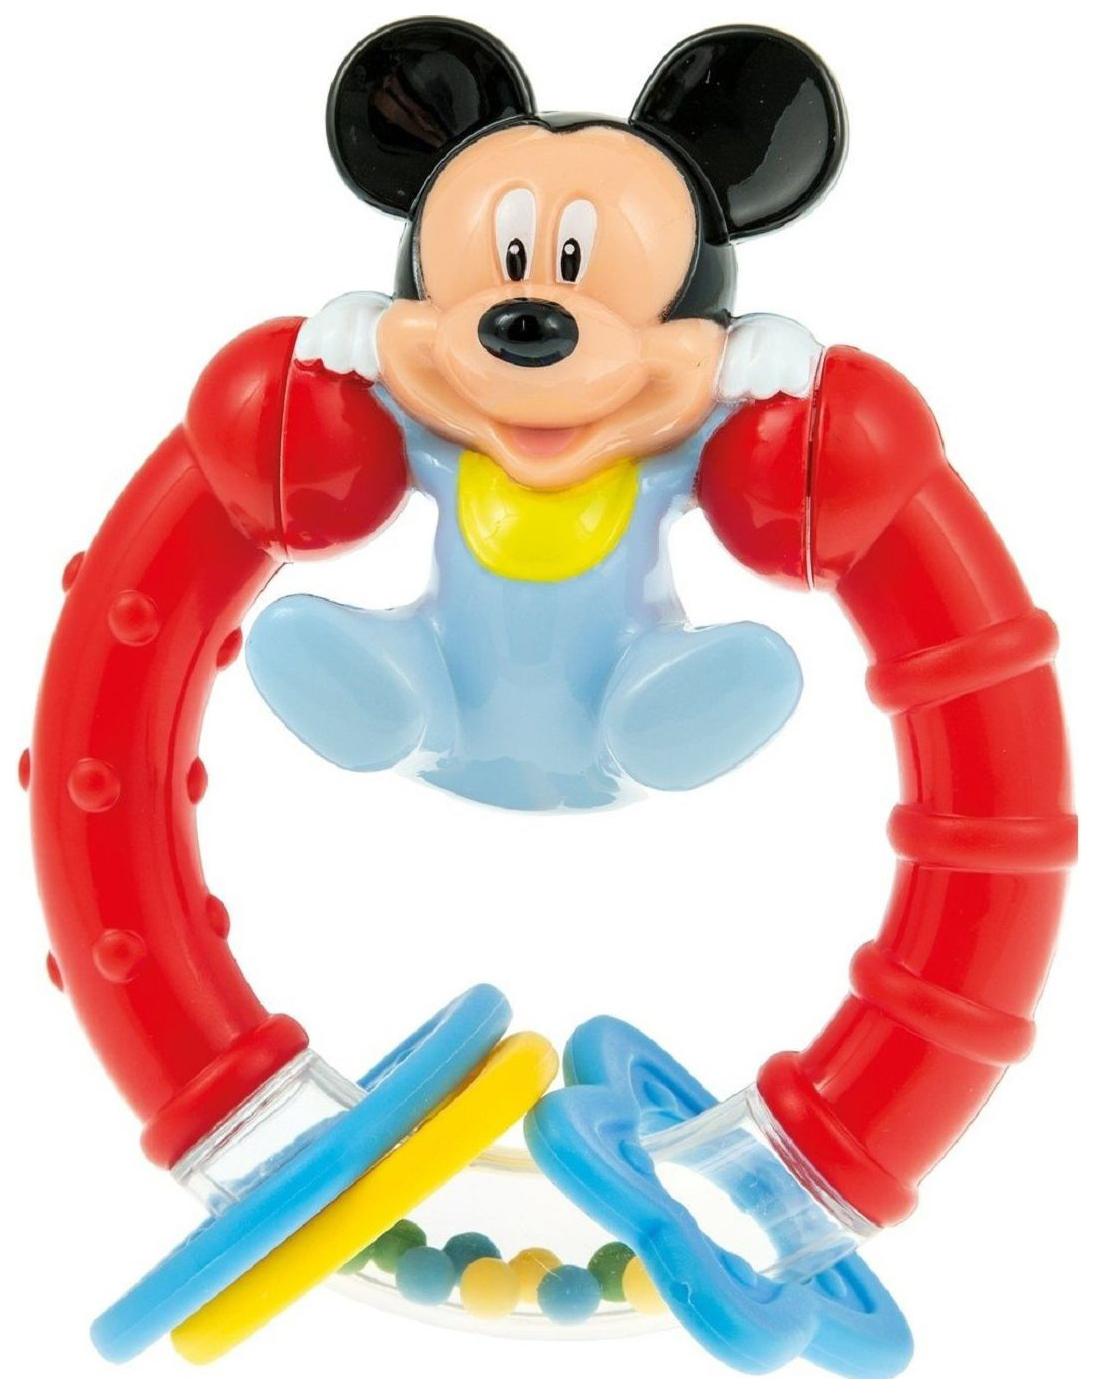 Купить Развивающая игрушка Мой милый Микки , Clementoni, Погремушки